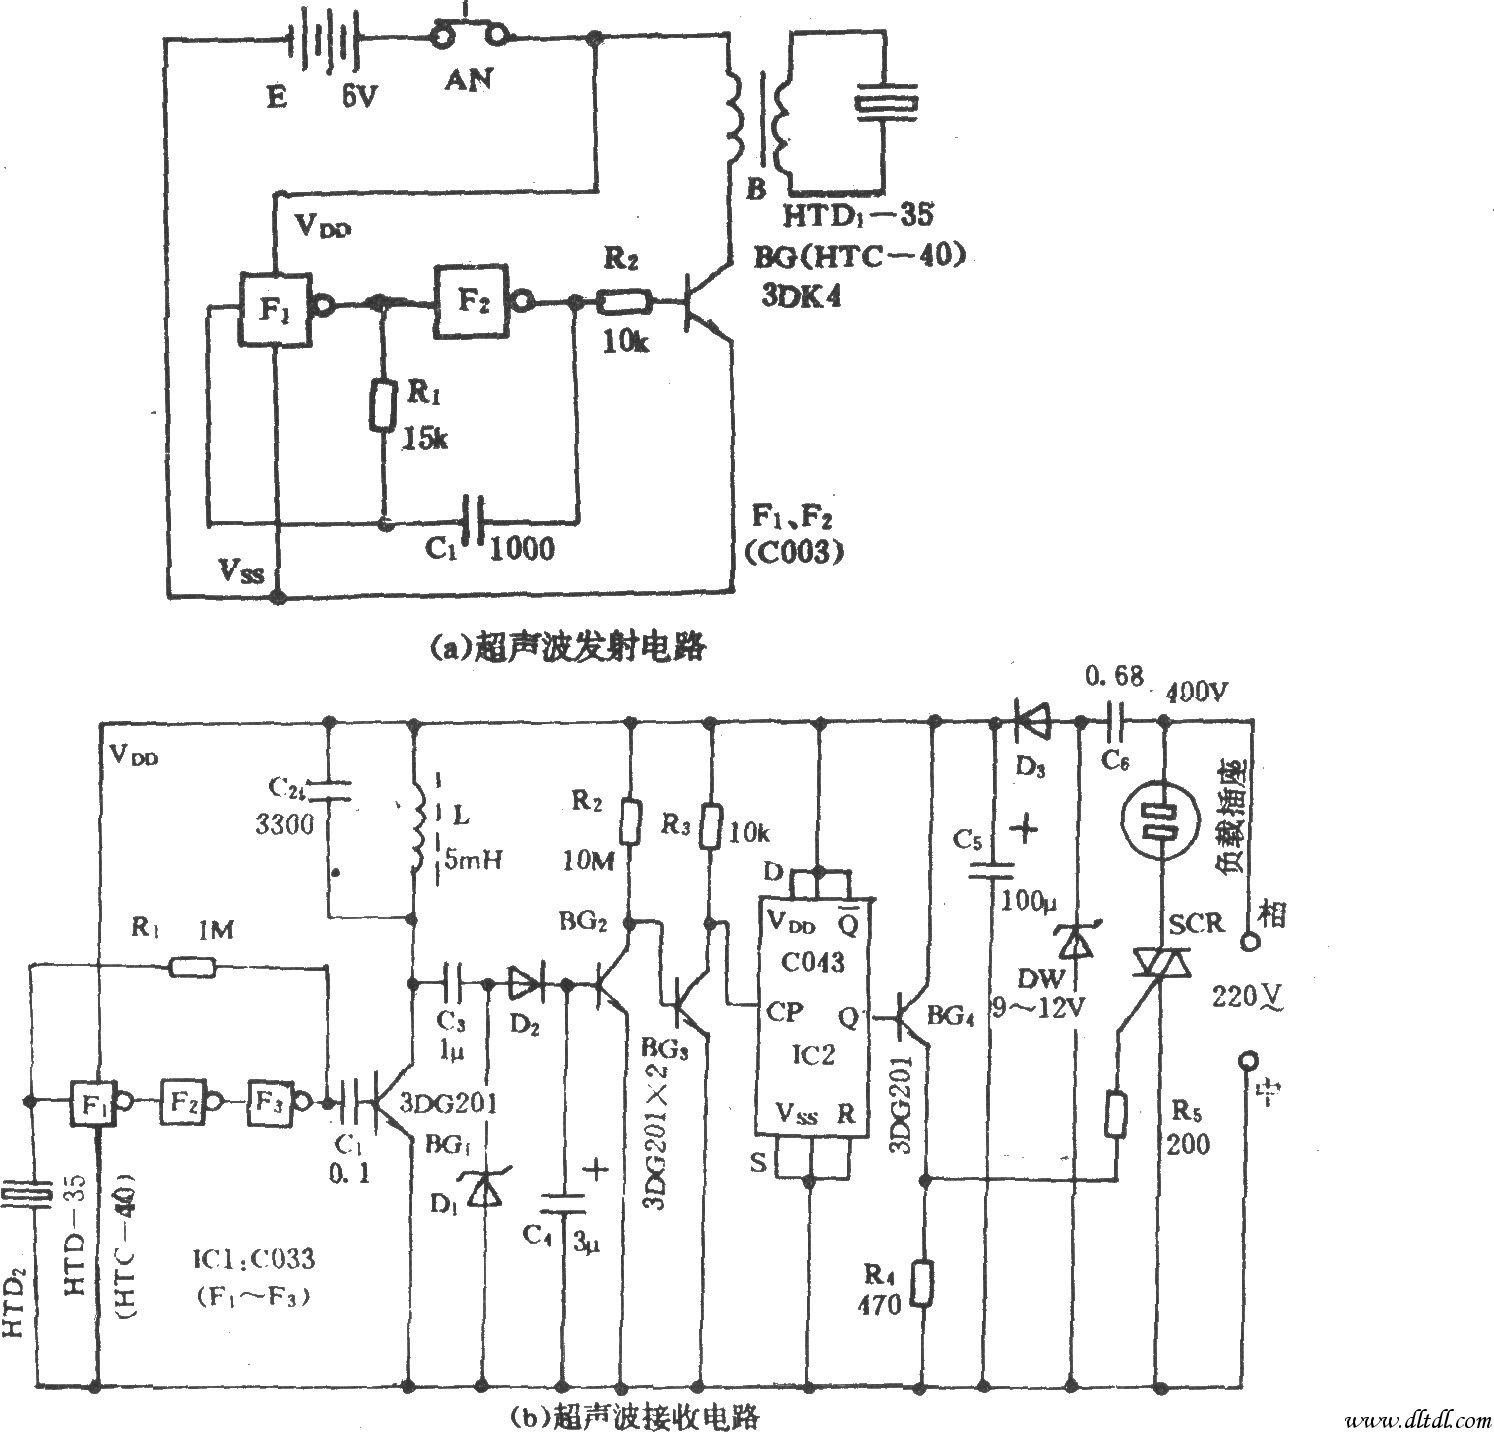 电风扇超声波遥控开关-电路图